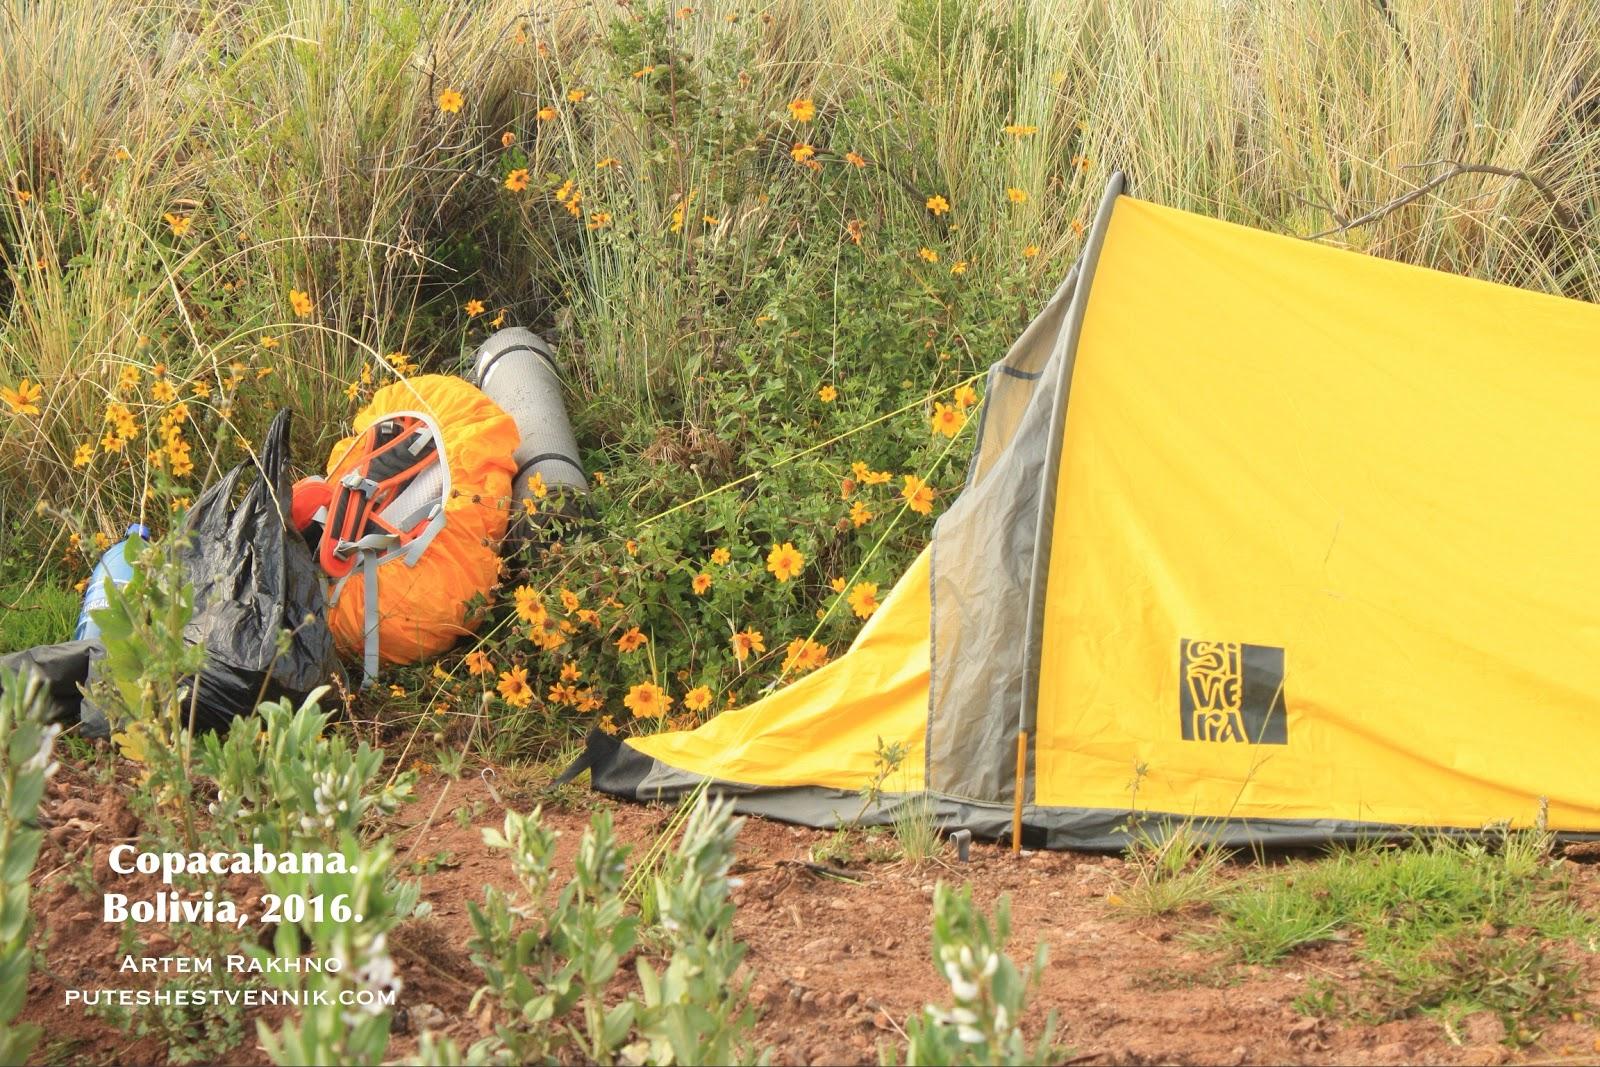 Палатка и цветы